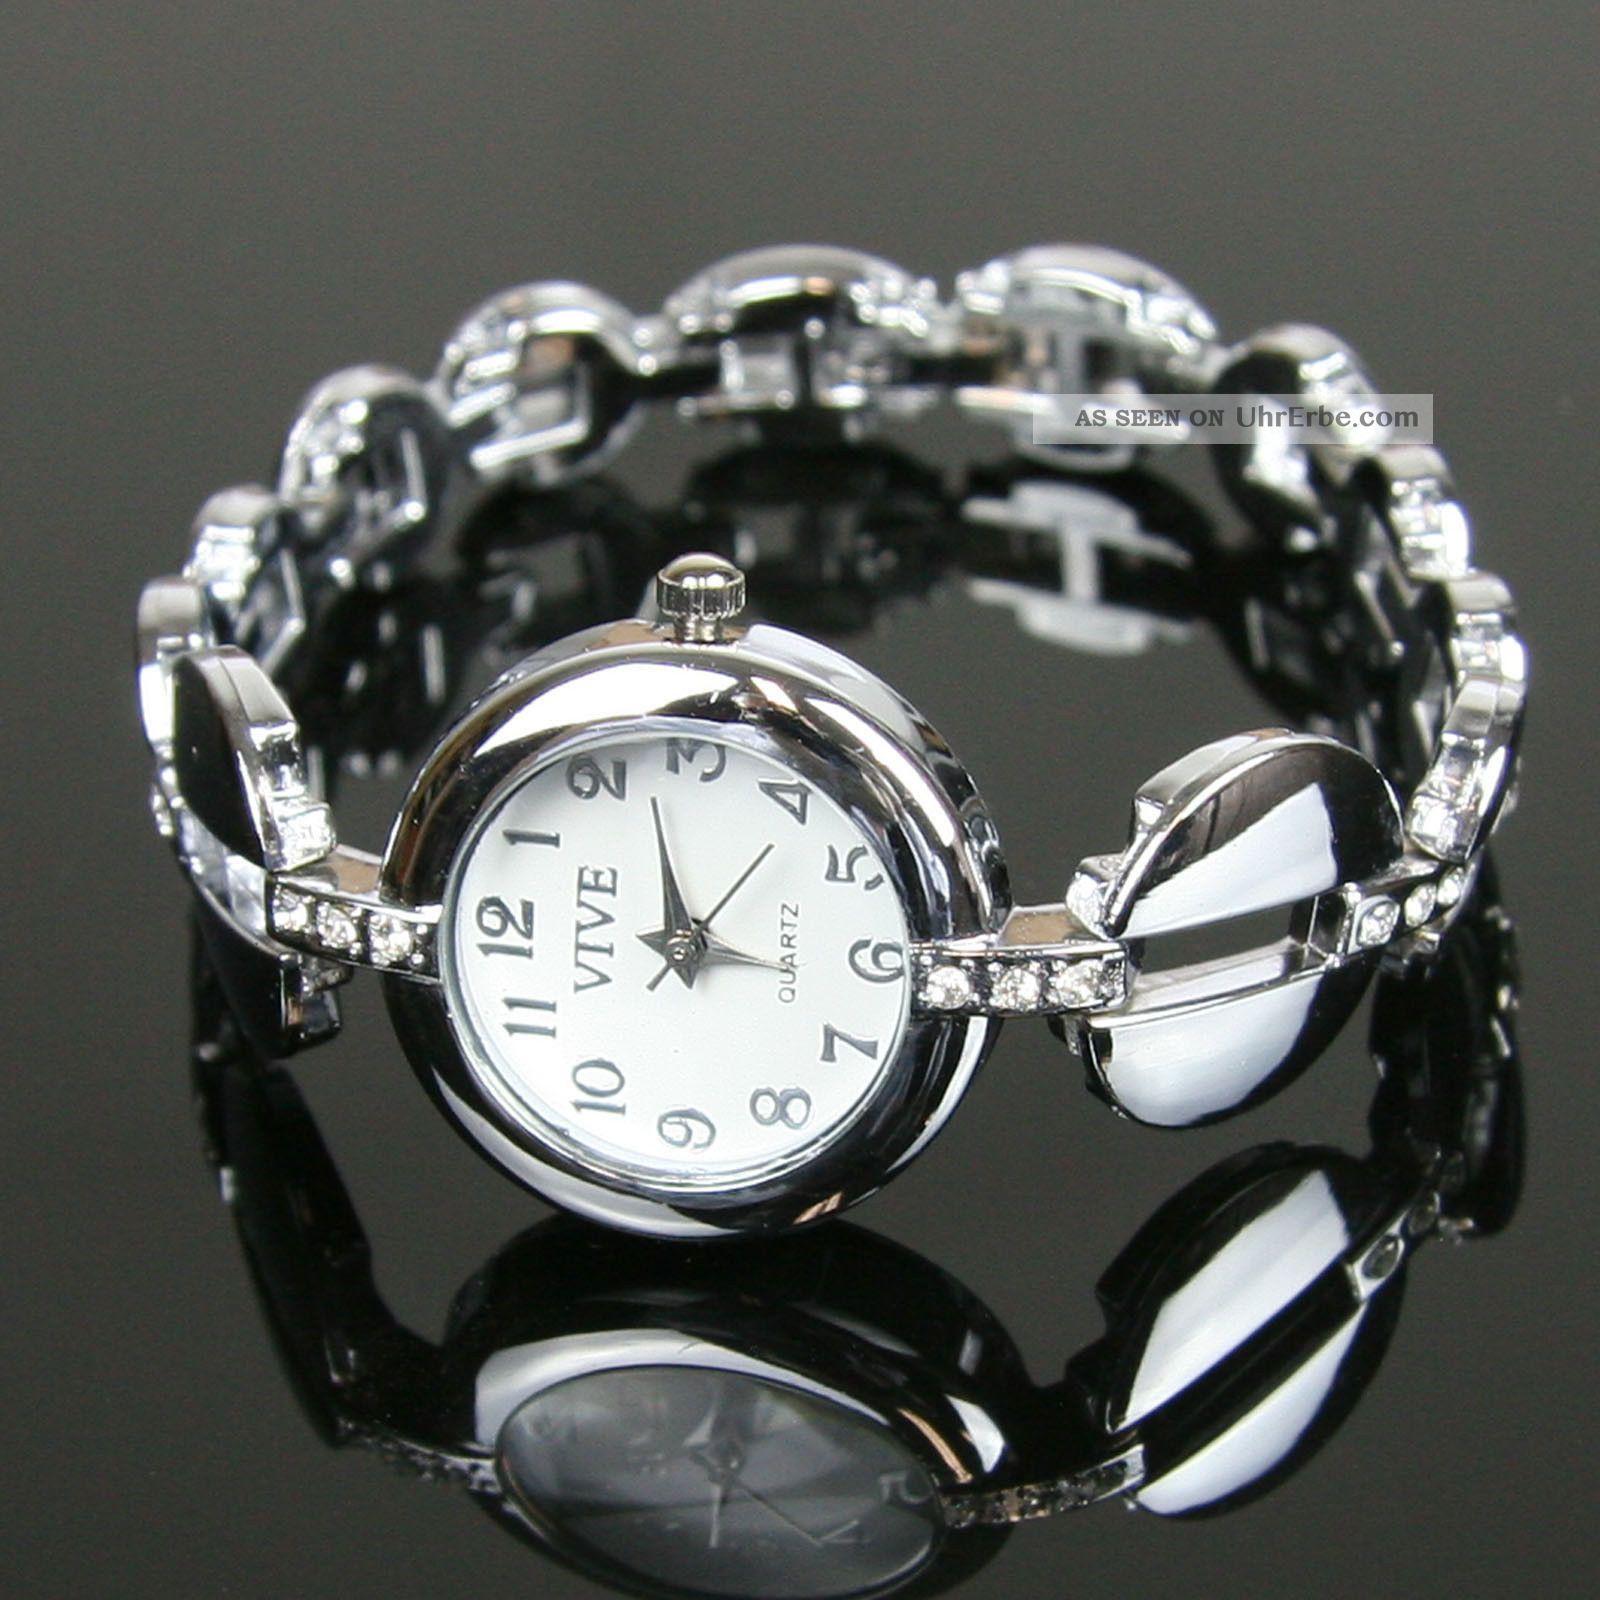 edle damenuhr armbanduhr uhr uhren damen mit strass edelstahl schwarz watch. Black Bedroom Furniture Sets. Home Design Ideas